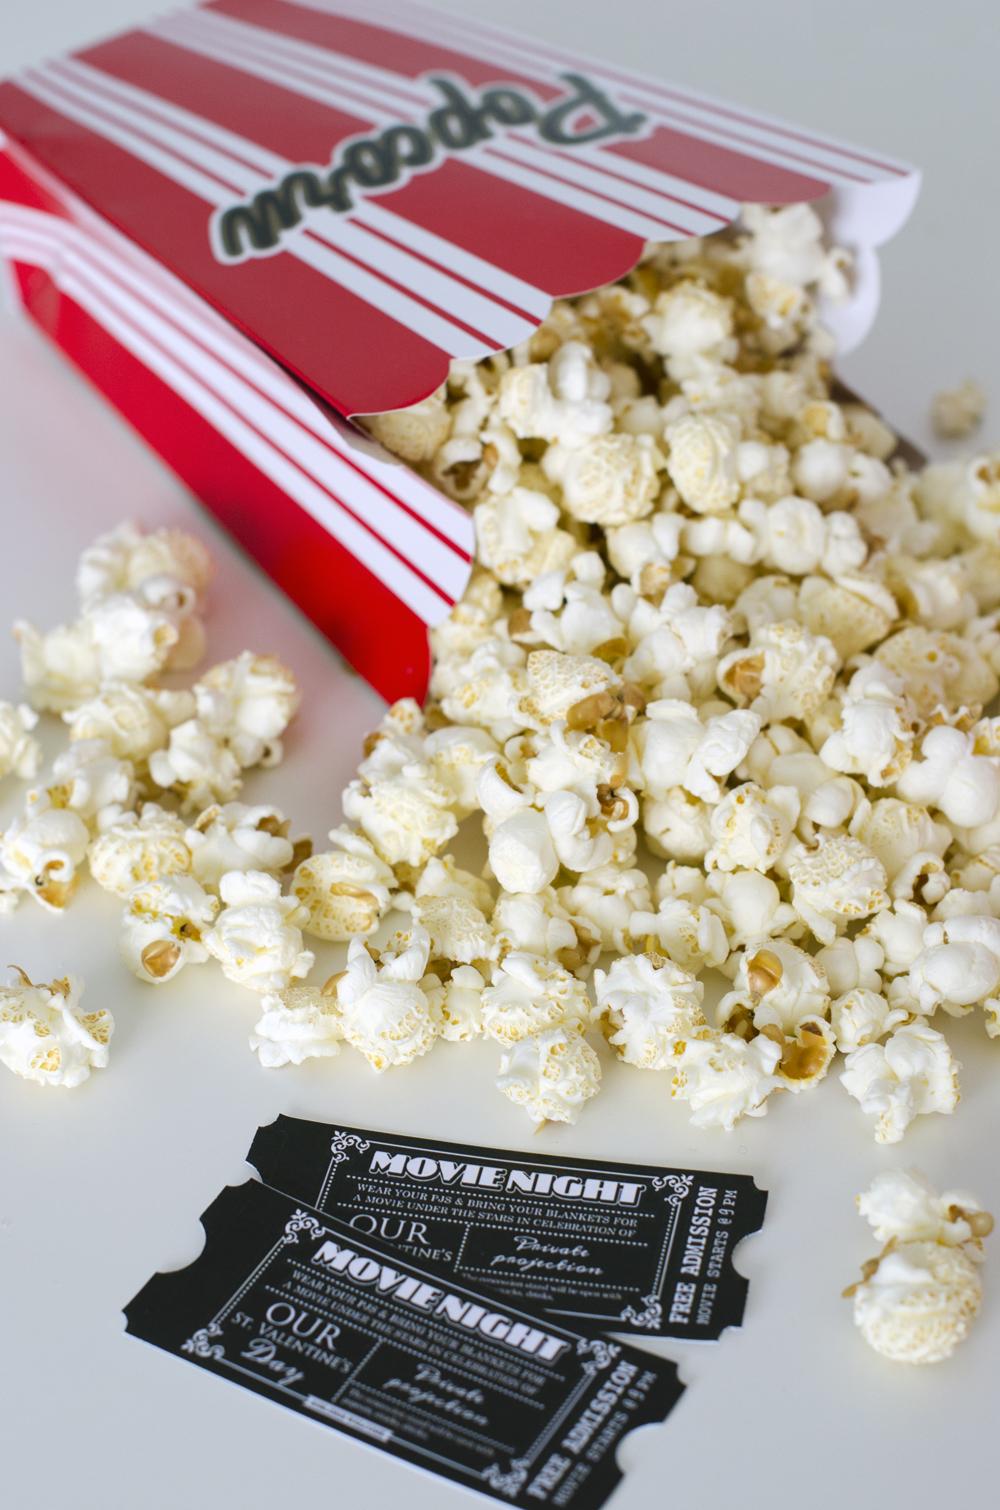 San valentino fai da te film romantici e pop corn con il for Soggiorni romantici per due